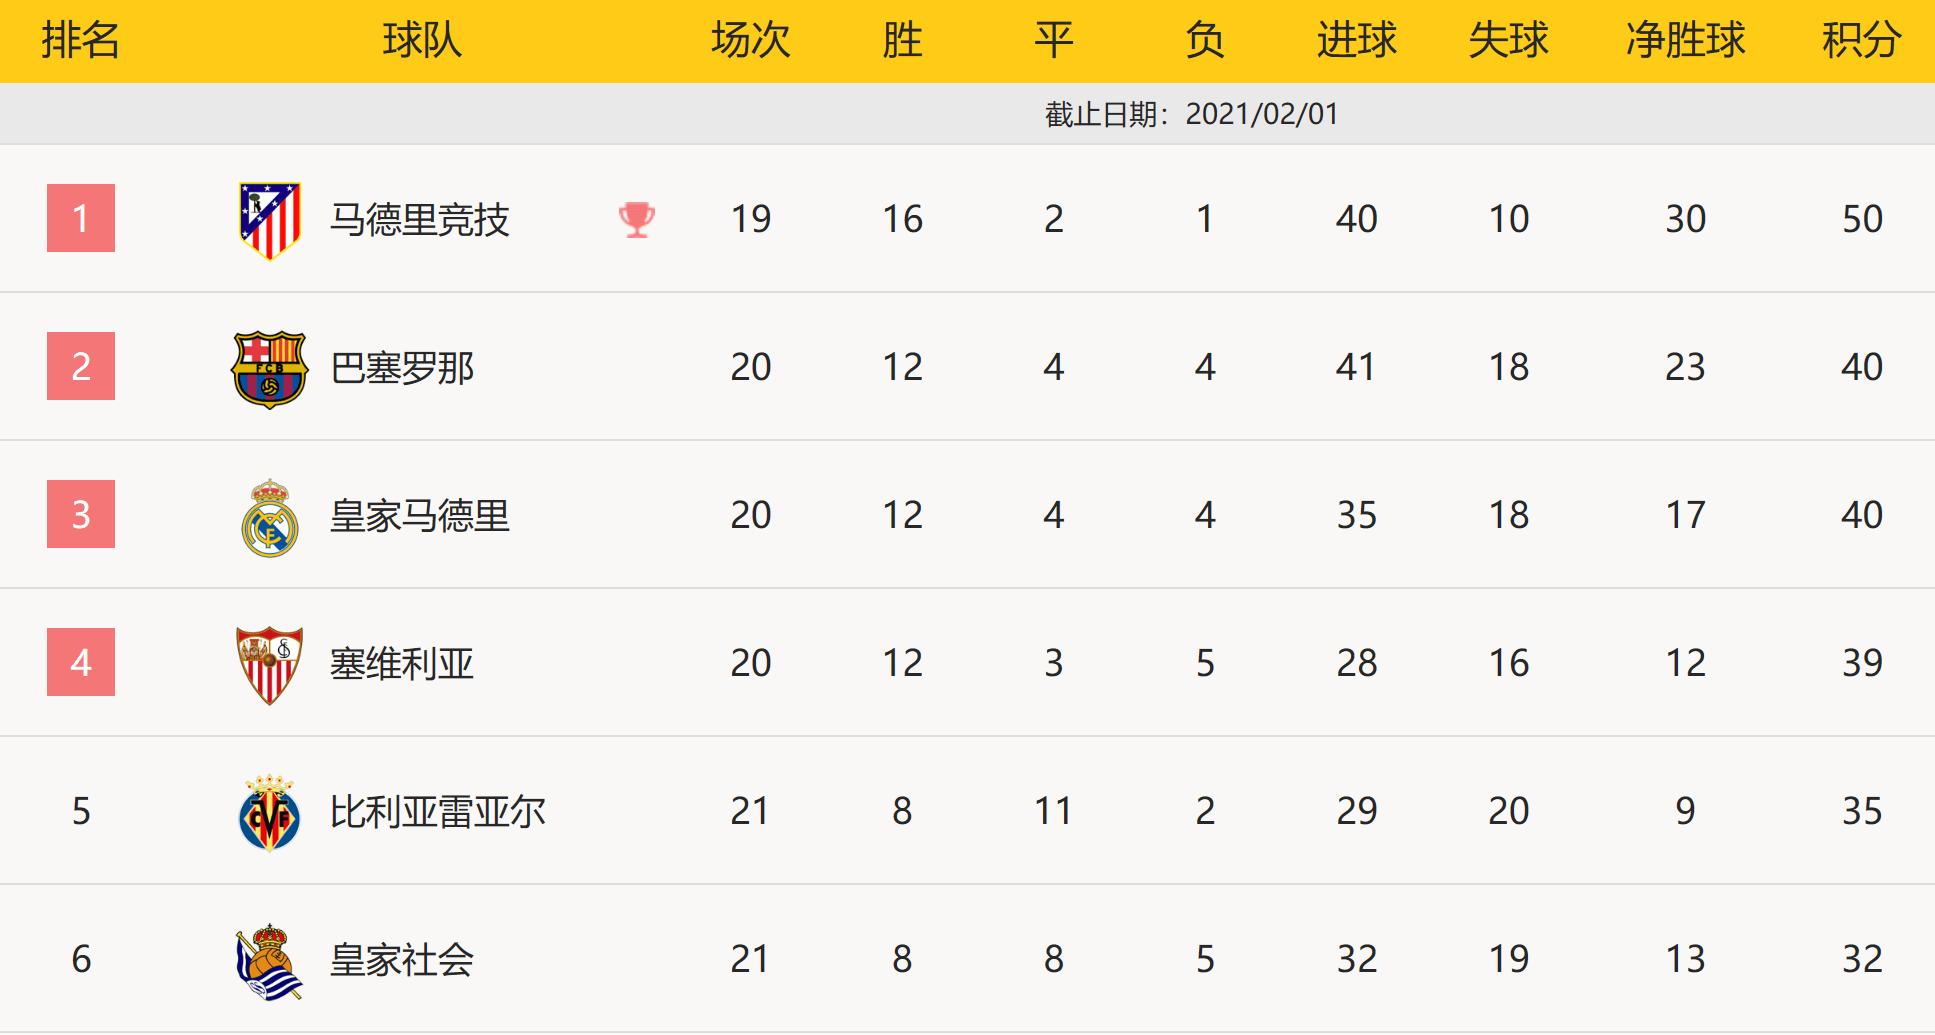 巴萨排名超皇马 6轮狂追8分 但夺冠期望仍迷茫